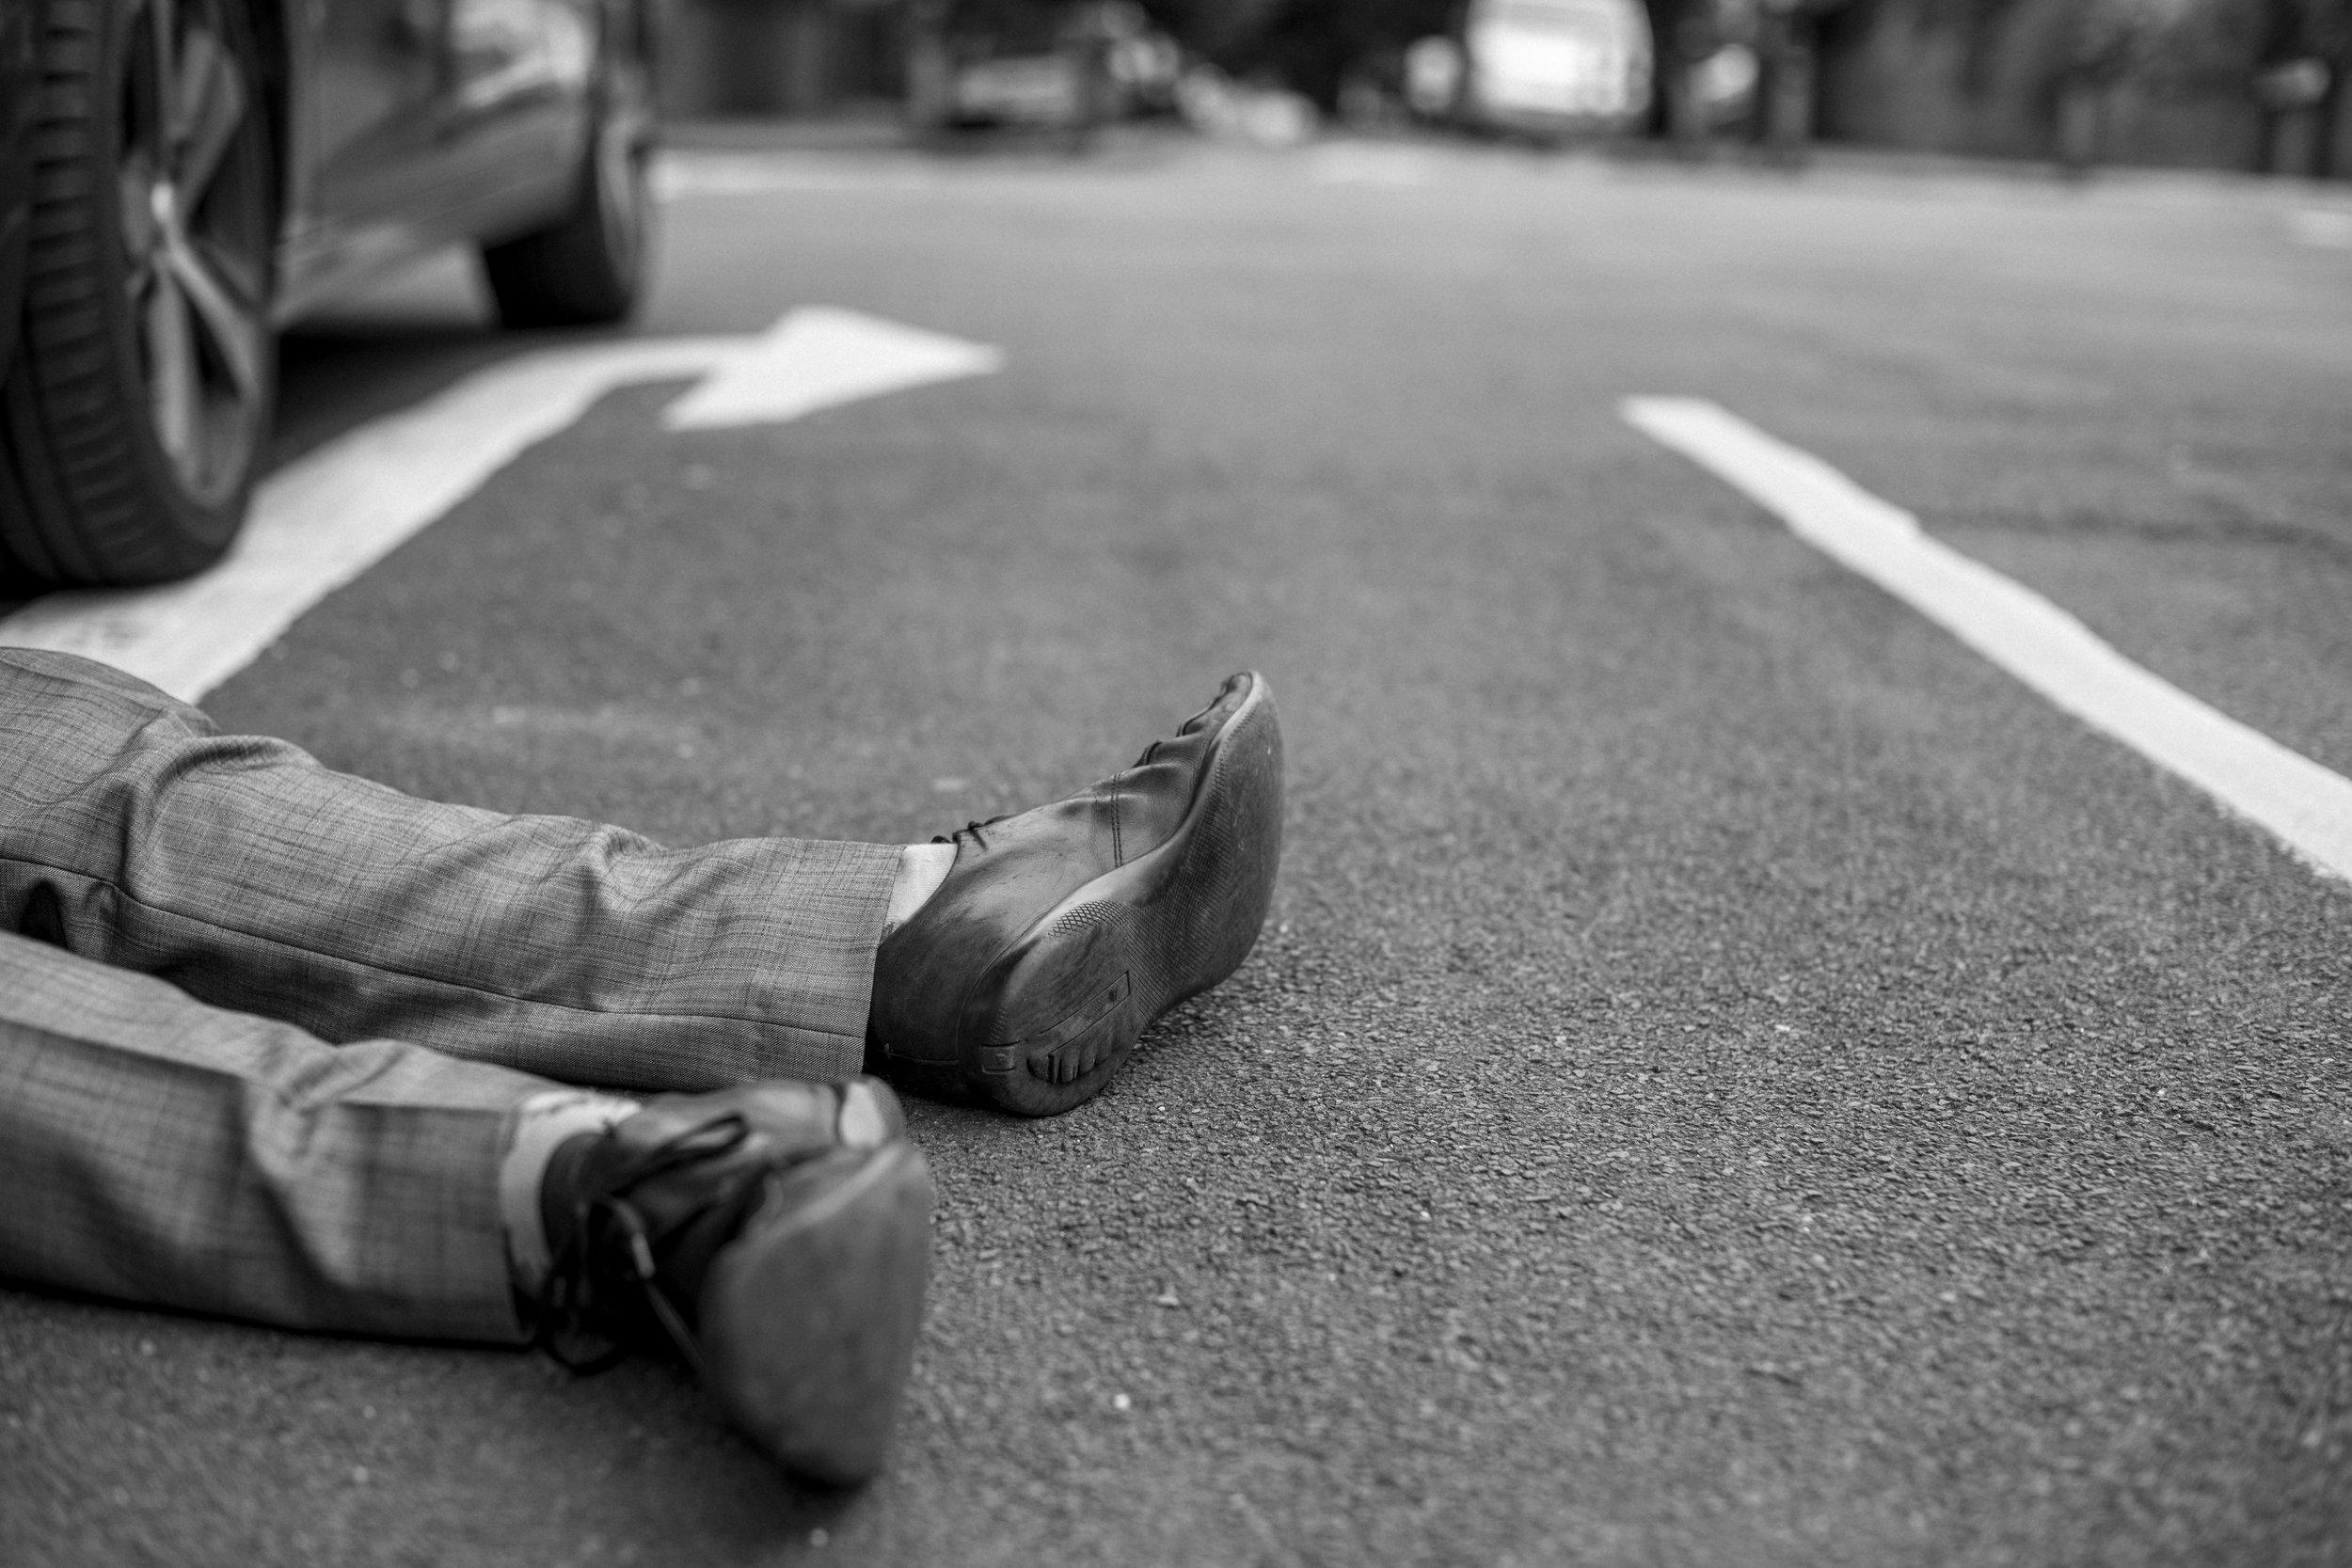 accident-asphalt-black-and-white-1537174.jpg